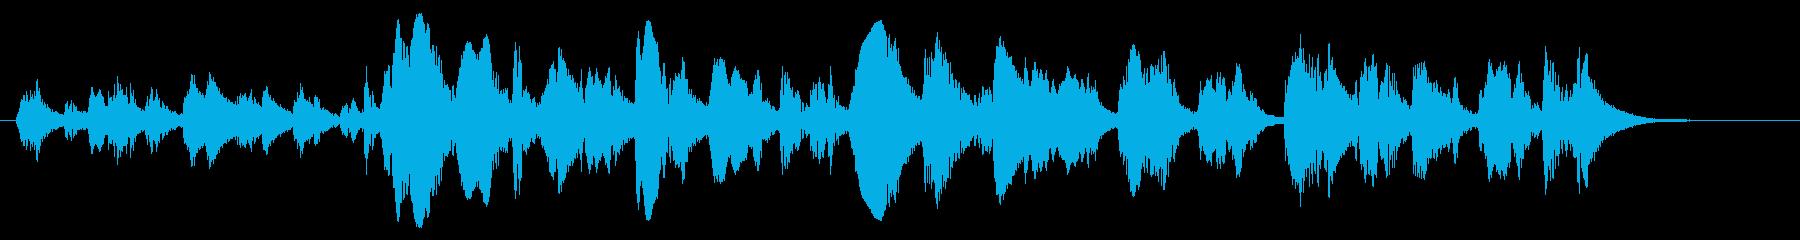 テレビグラス:スロースクイーキーラブの再生済みの波形